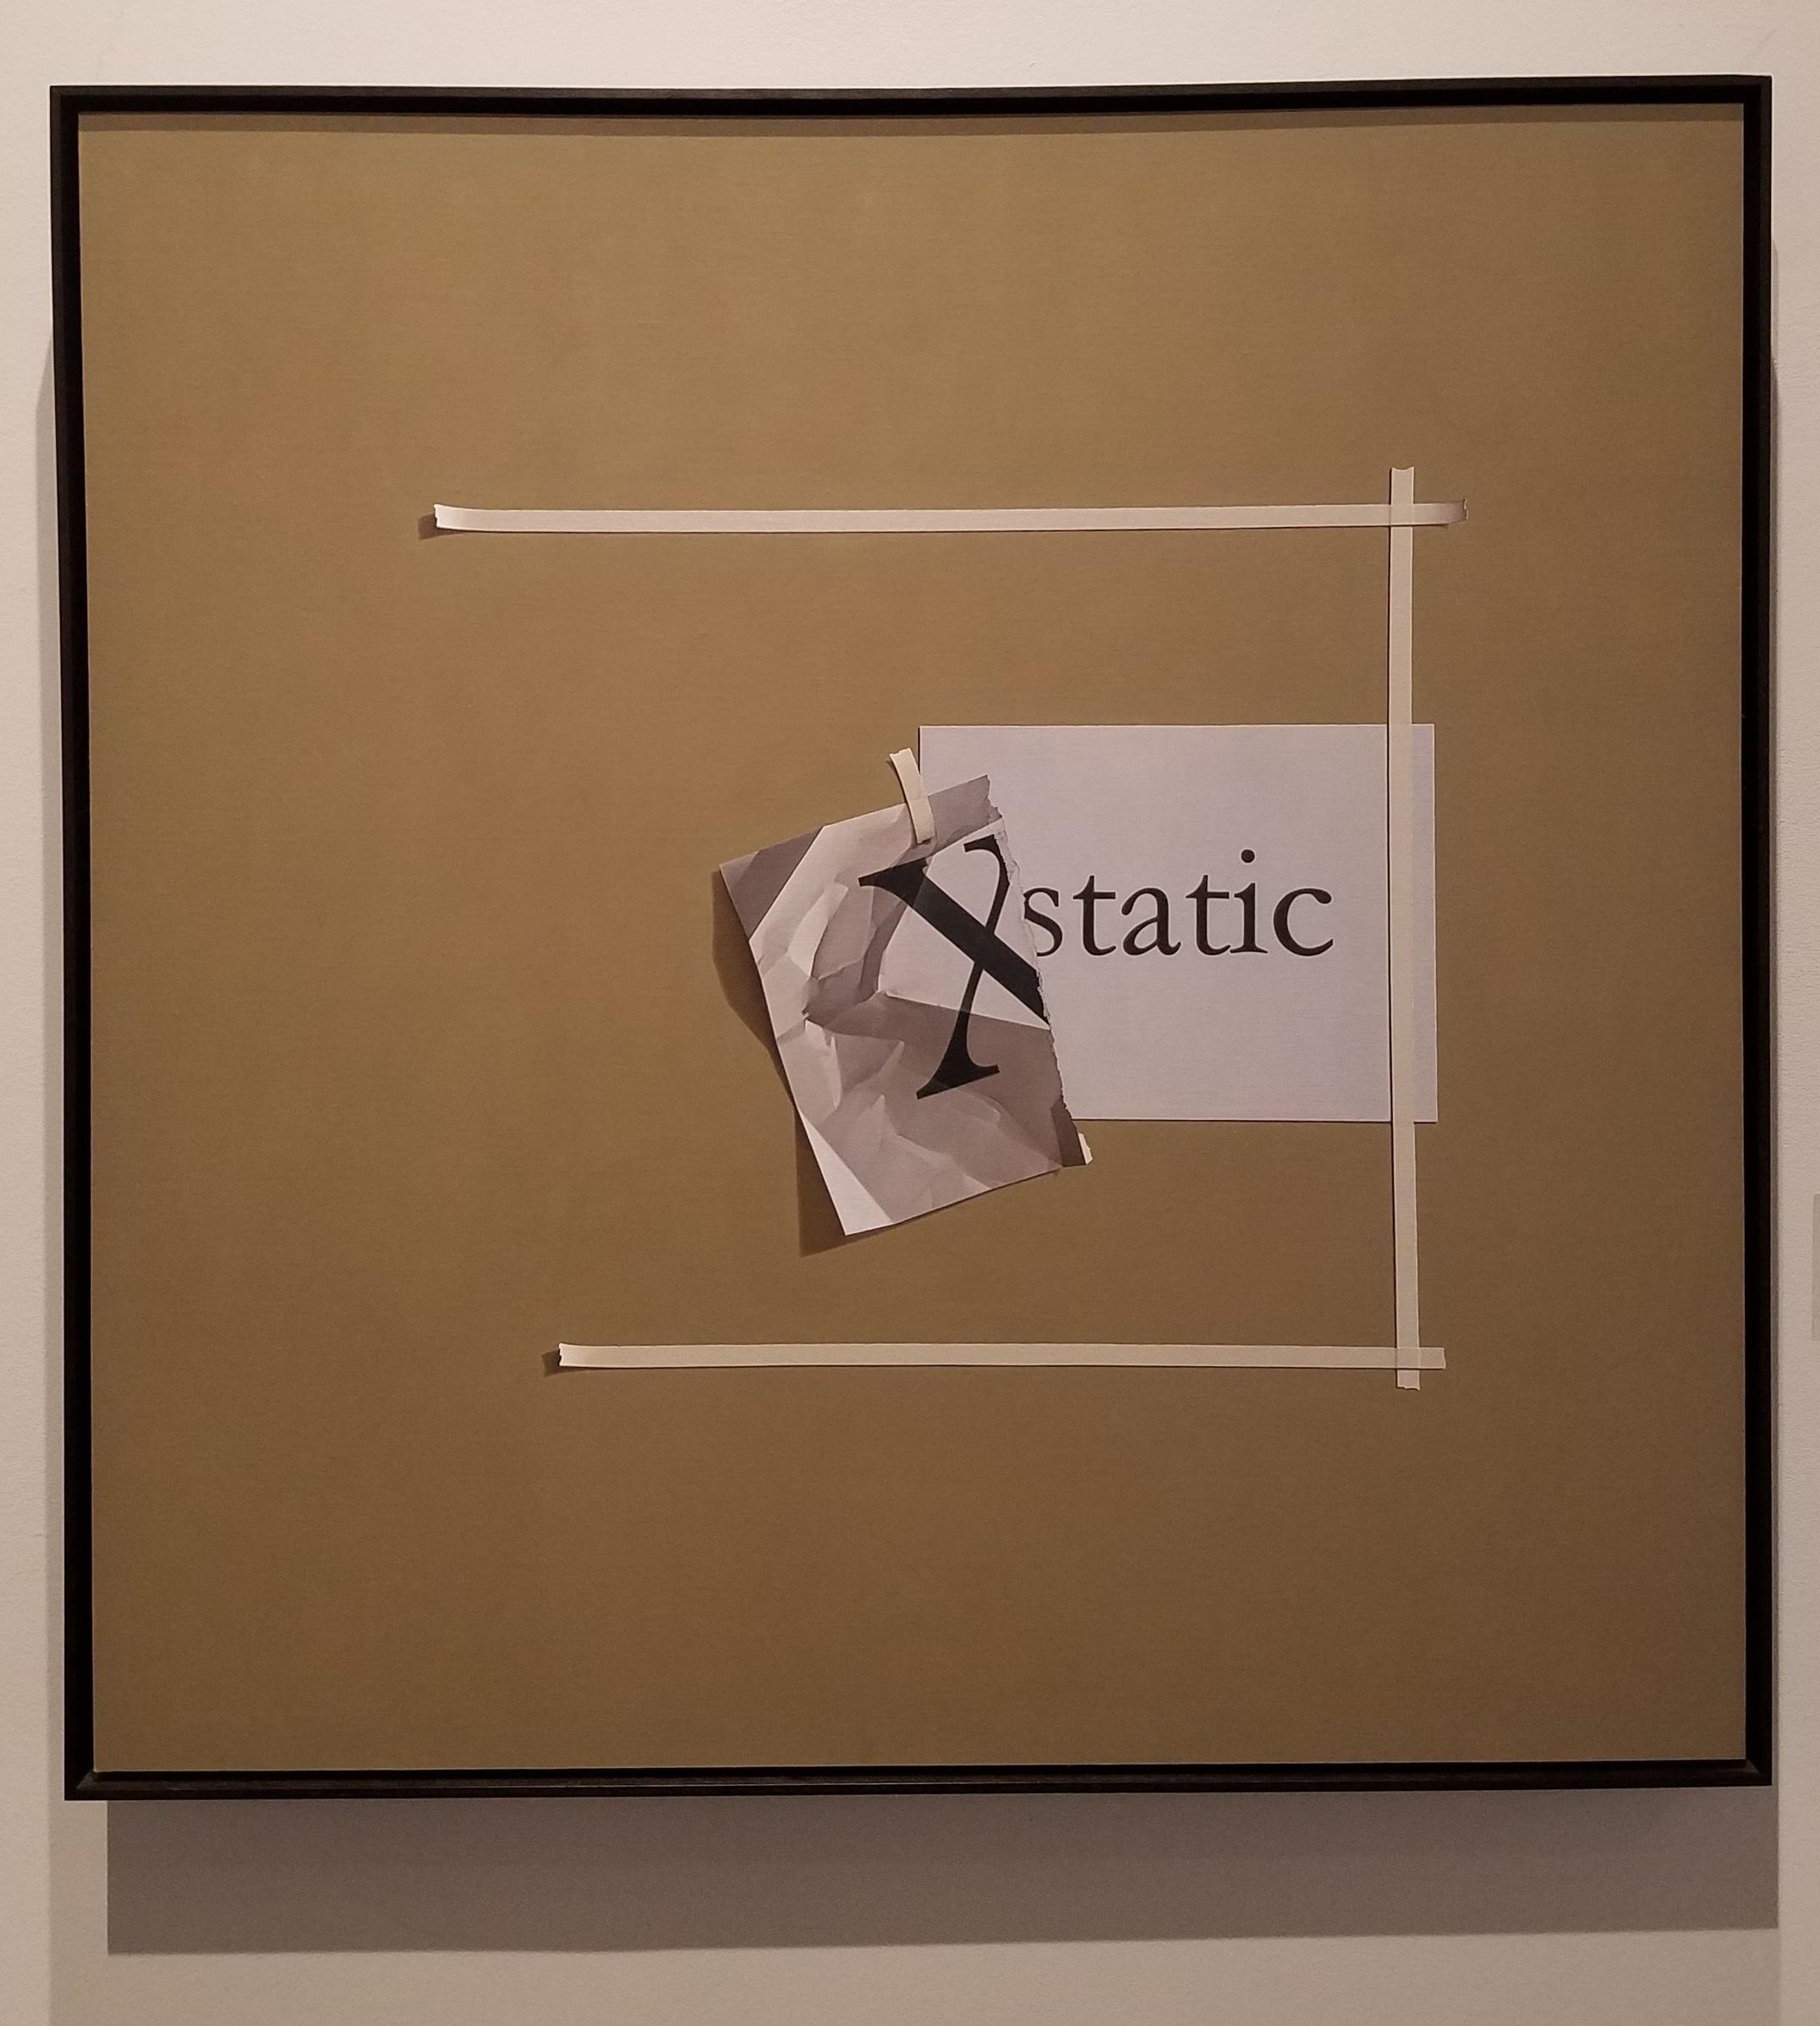 Xstatic (2011)